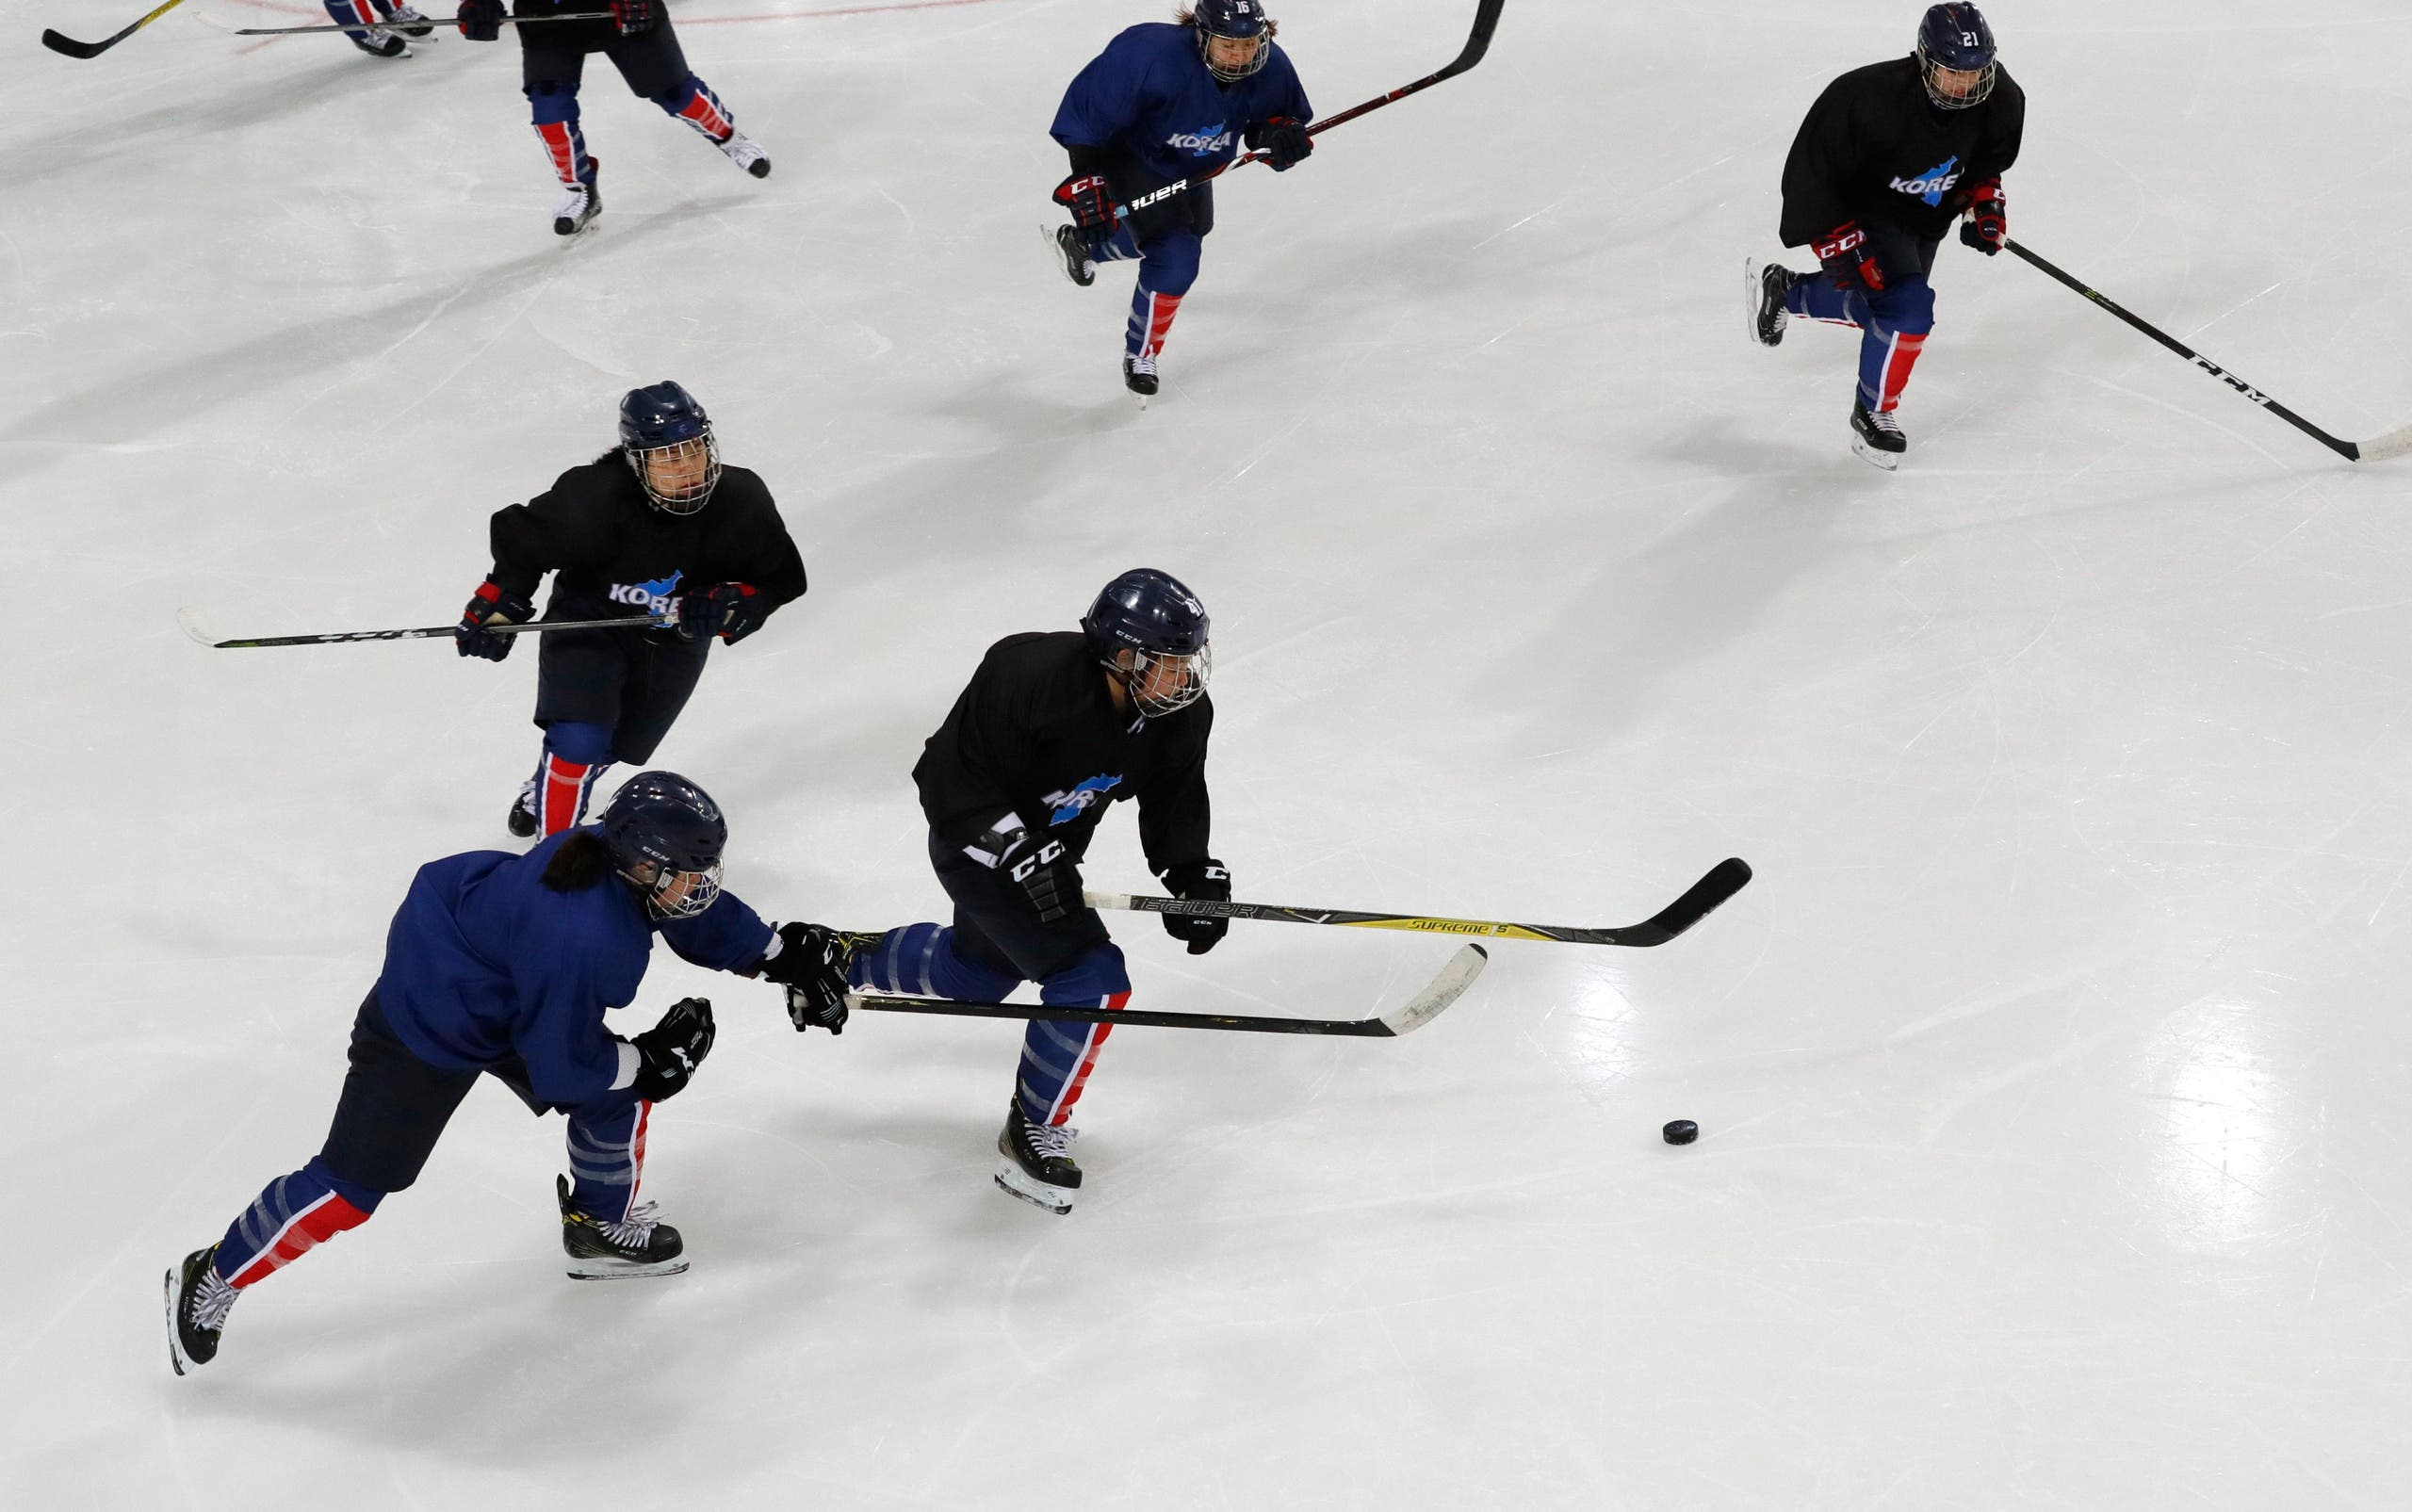 فريق هوكي الجليد النسائي الكوري الموحد خلال التمرينات